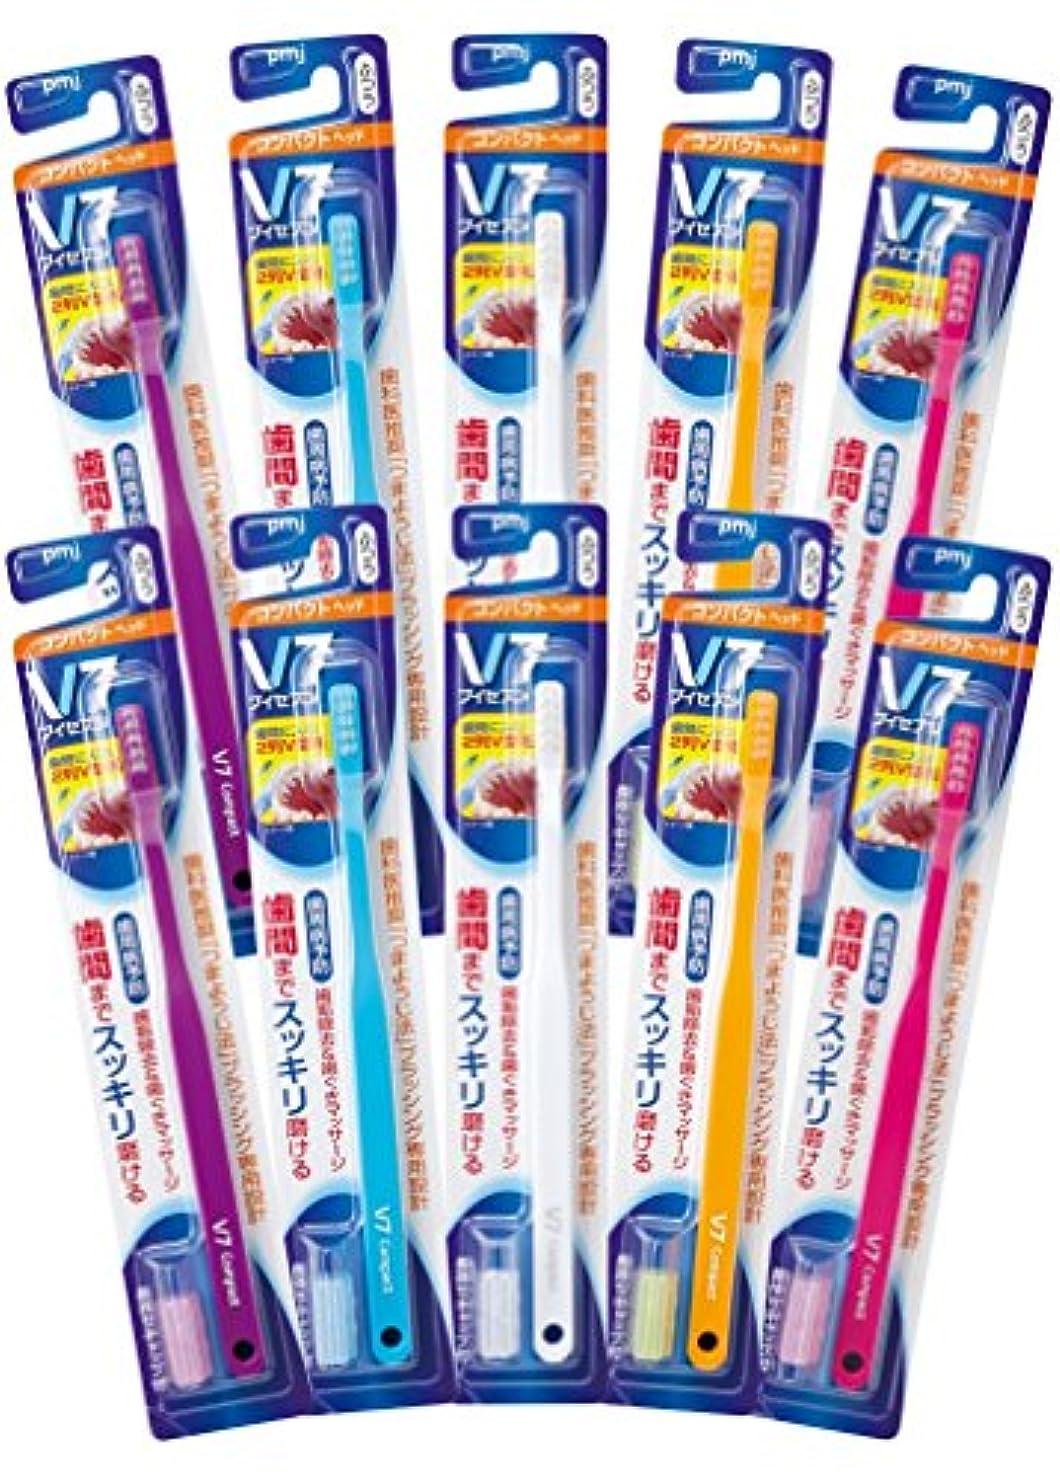 好奇心空虚速報つまようじ法 歯ブラシ V-7 コンパクトヘッド ブリスター 10本入